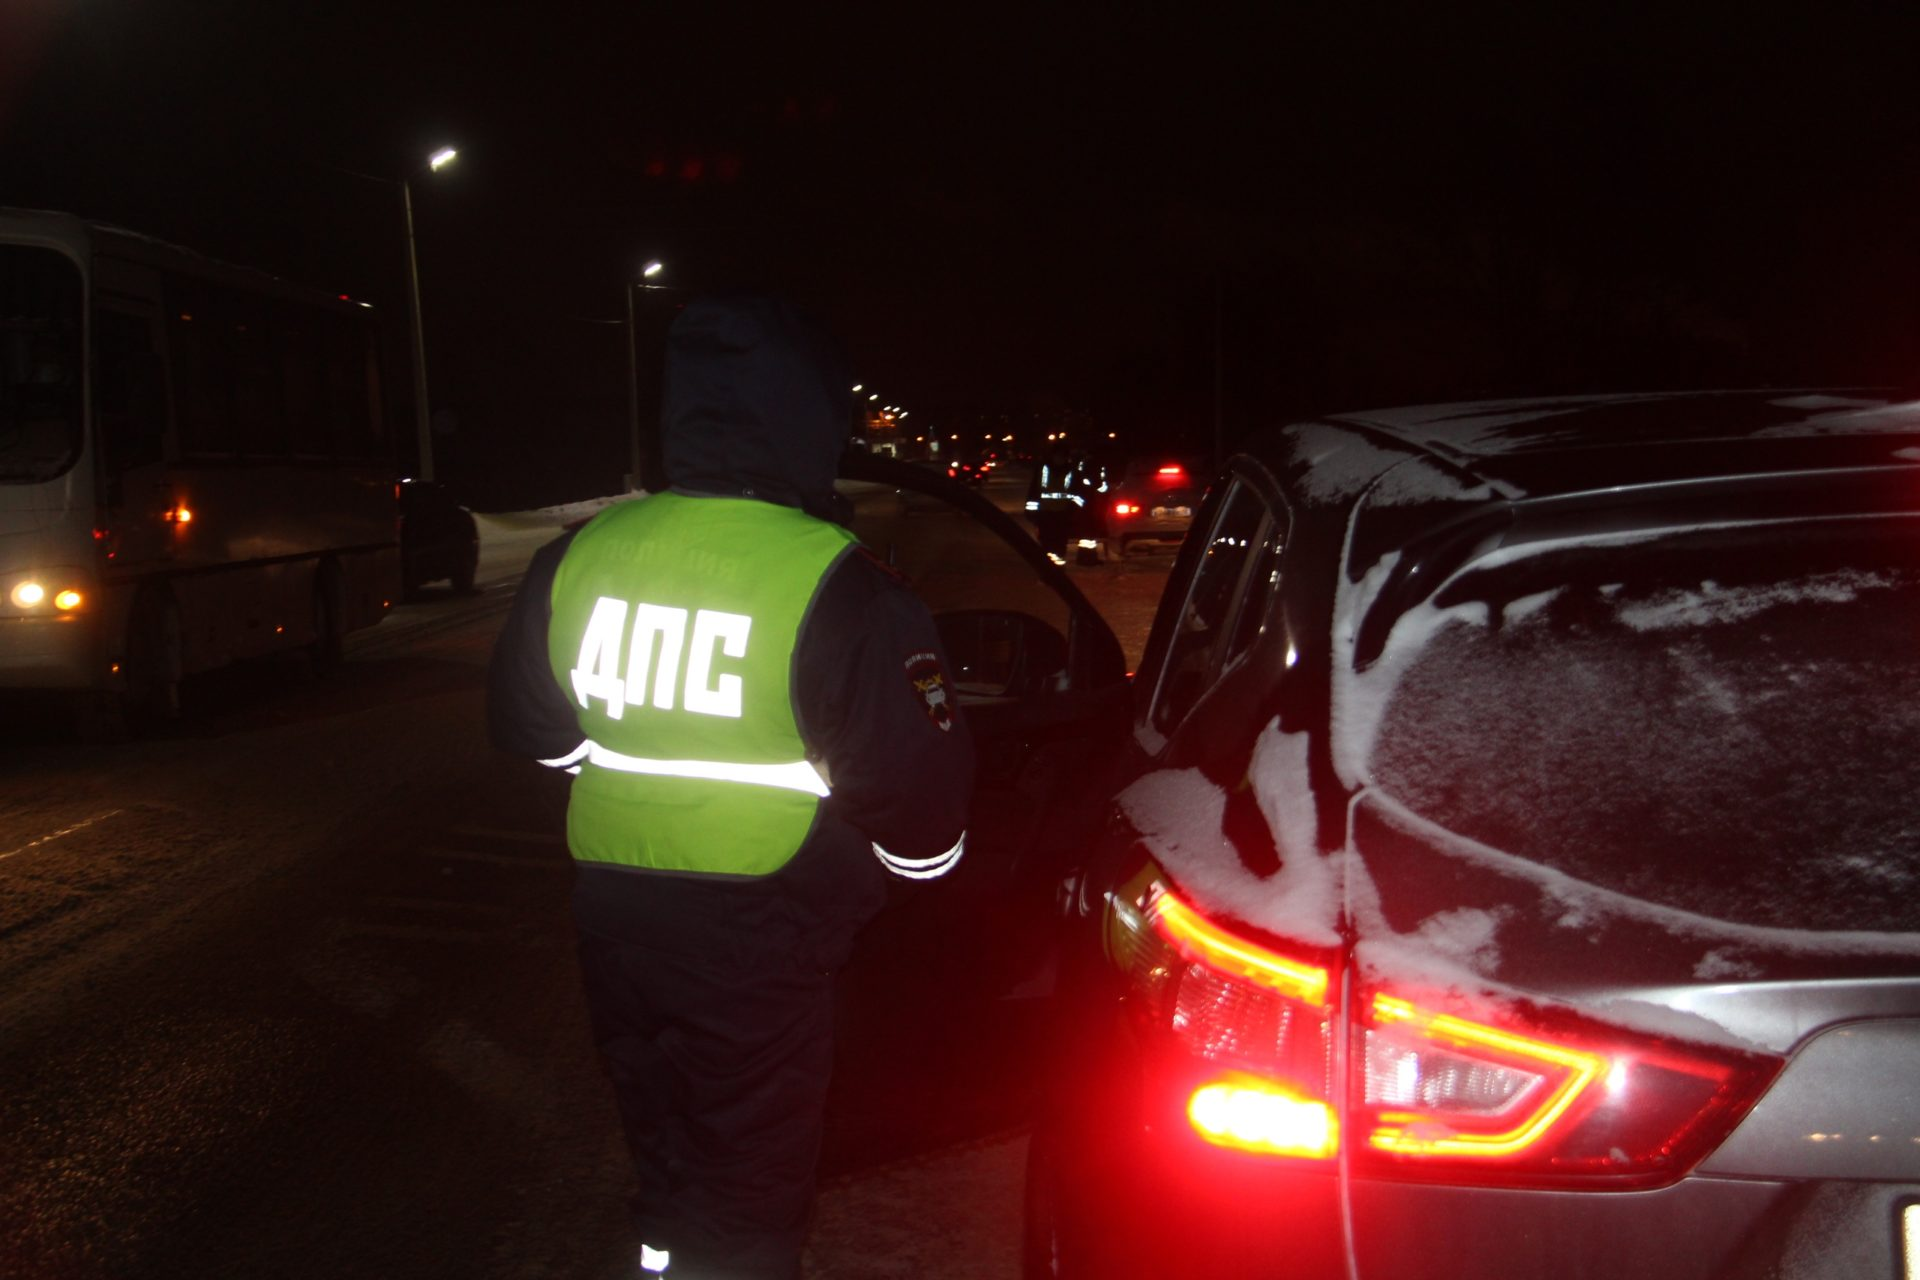 В Йошкар-Оле задержан водитель, управлявший автомобилем с поддельными правами